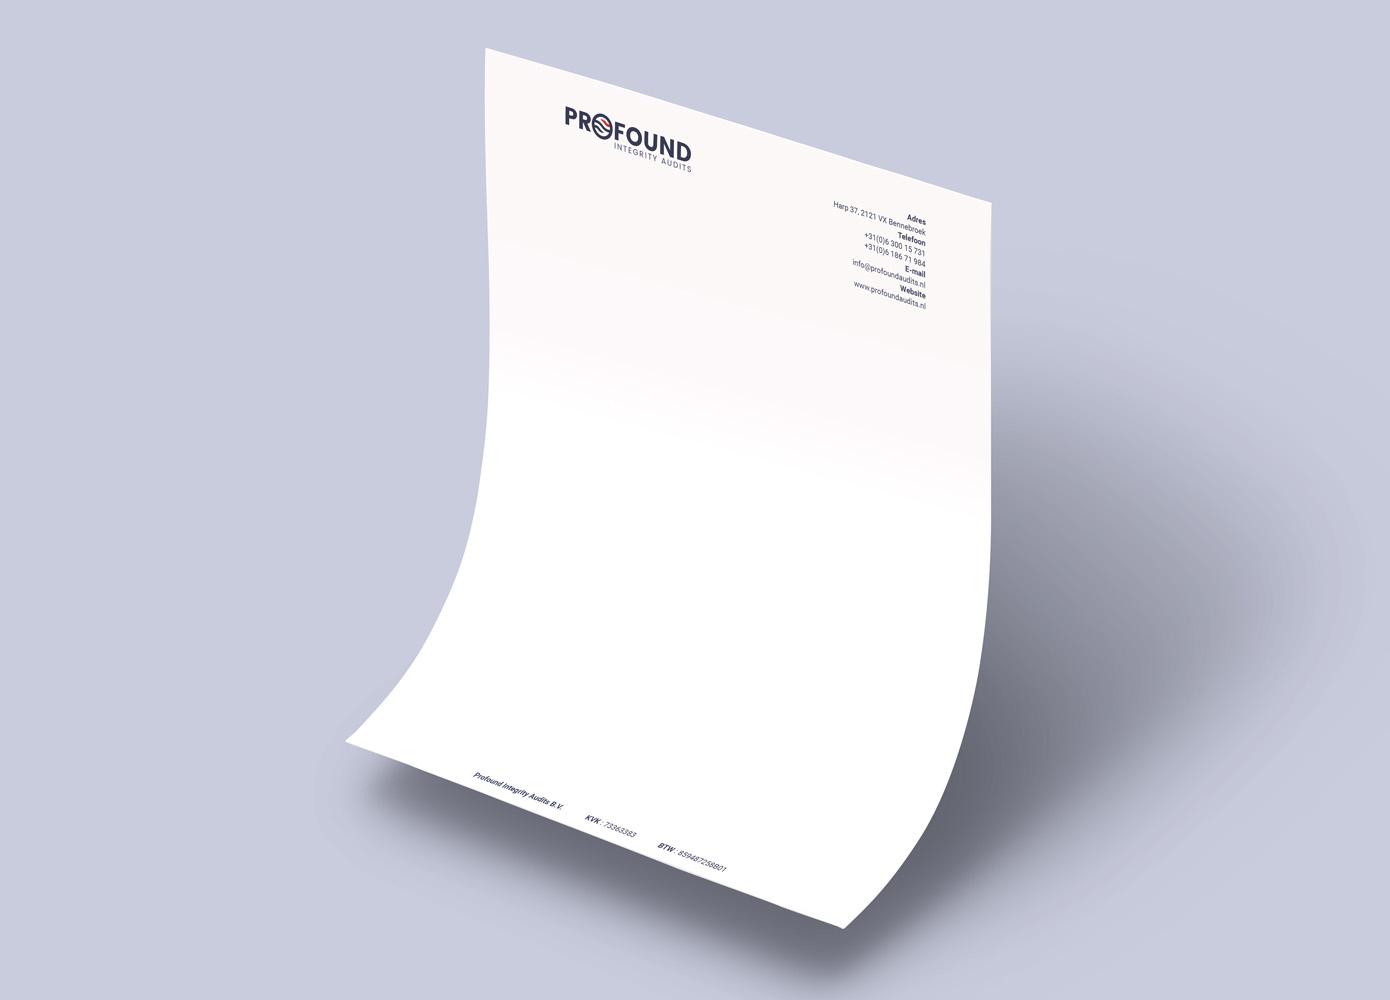 Briefpapier ontwerp Profound